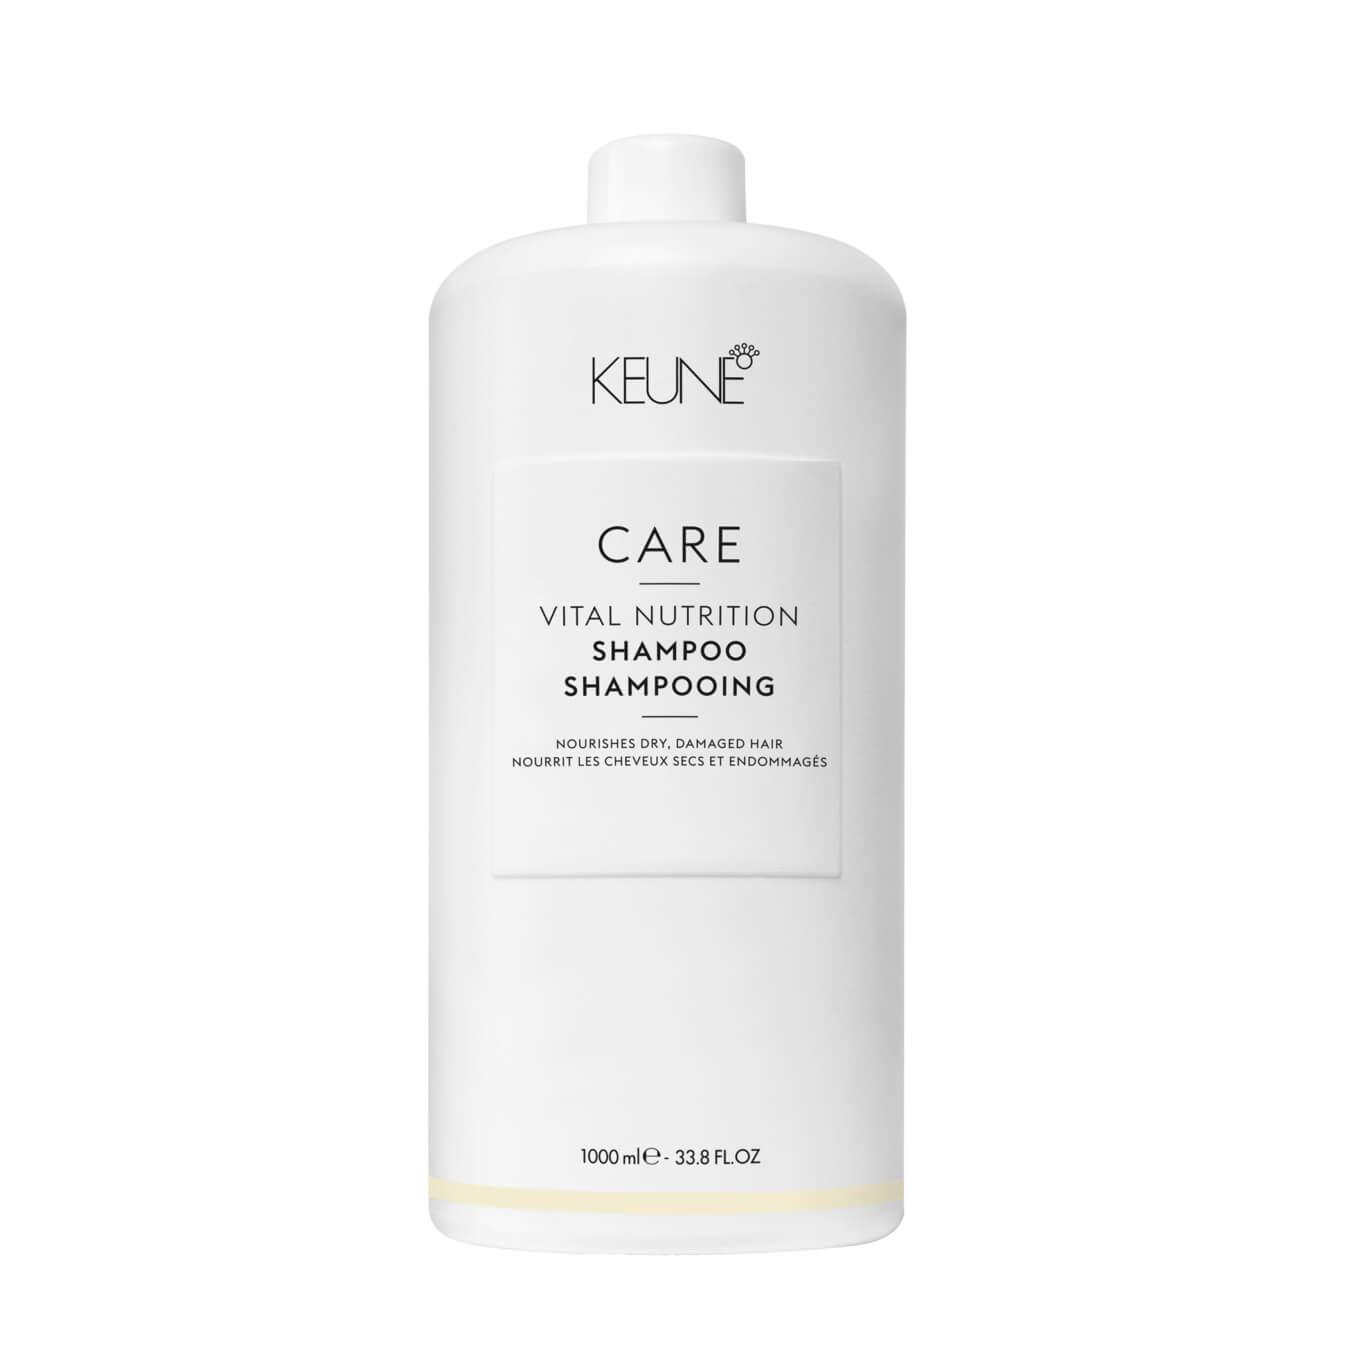 Koop Keune Care Vital Nutrition Shampoo 1000ml